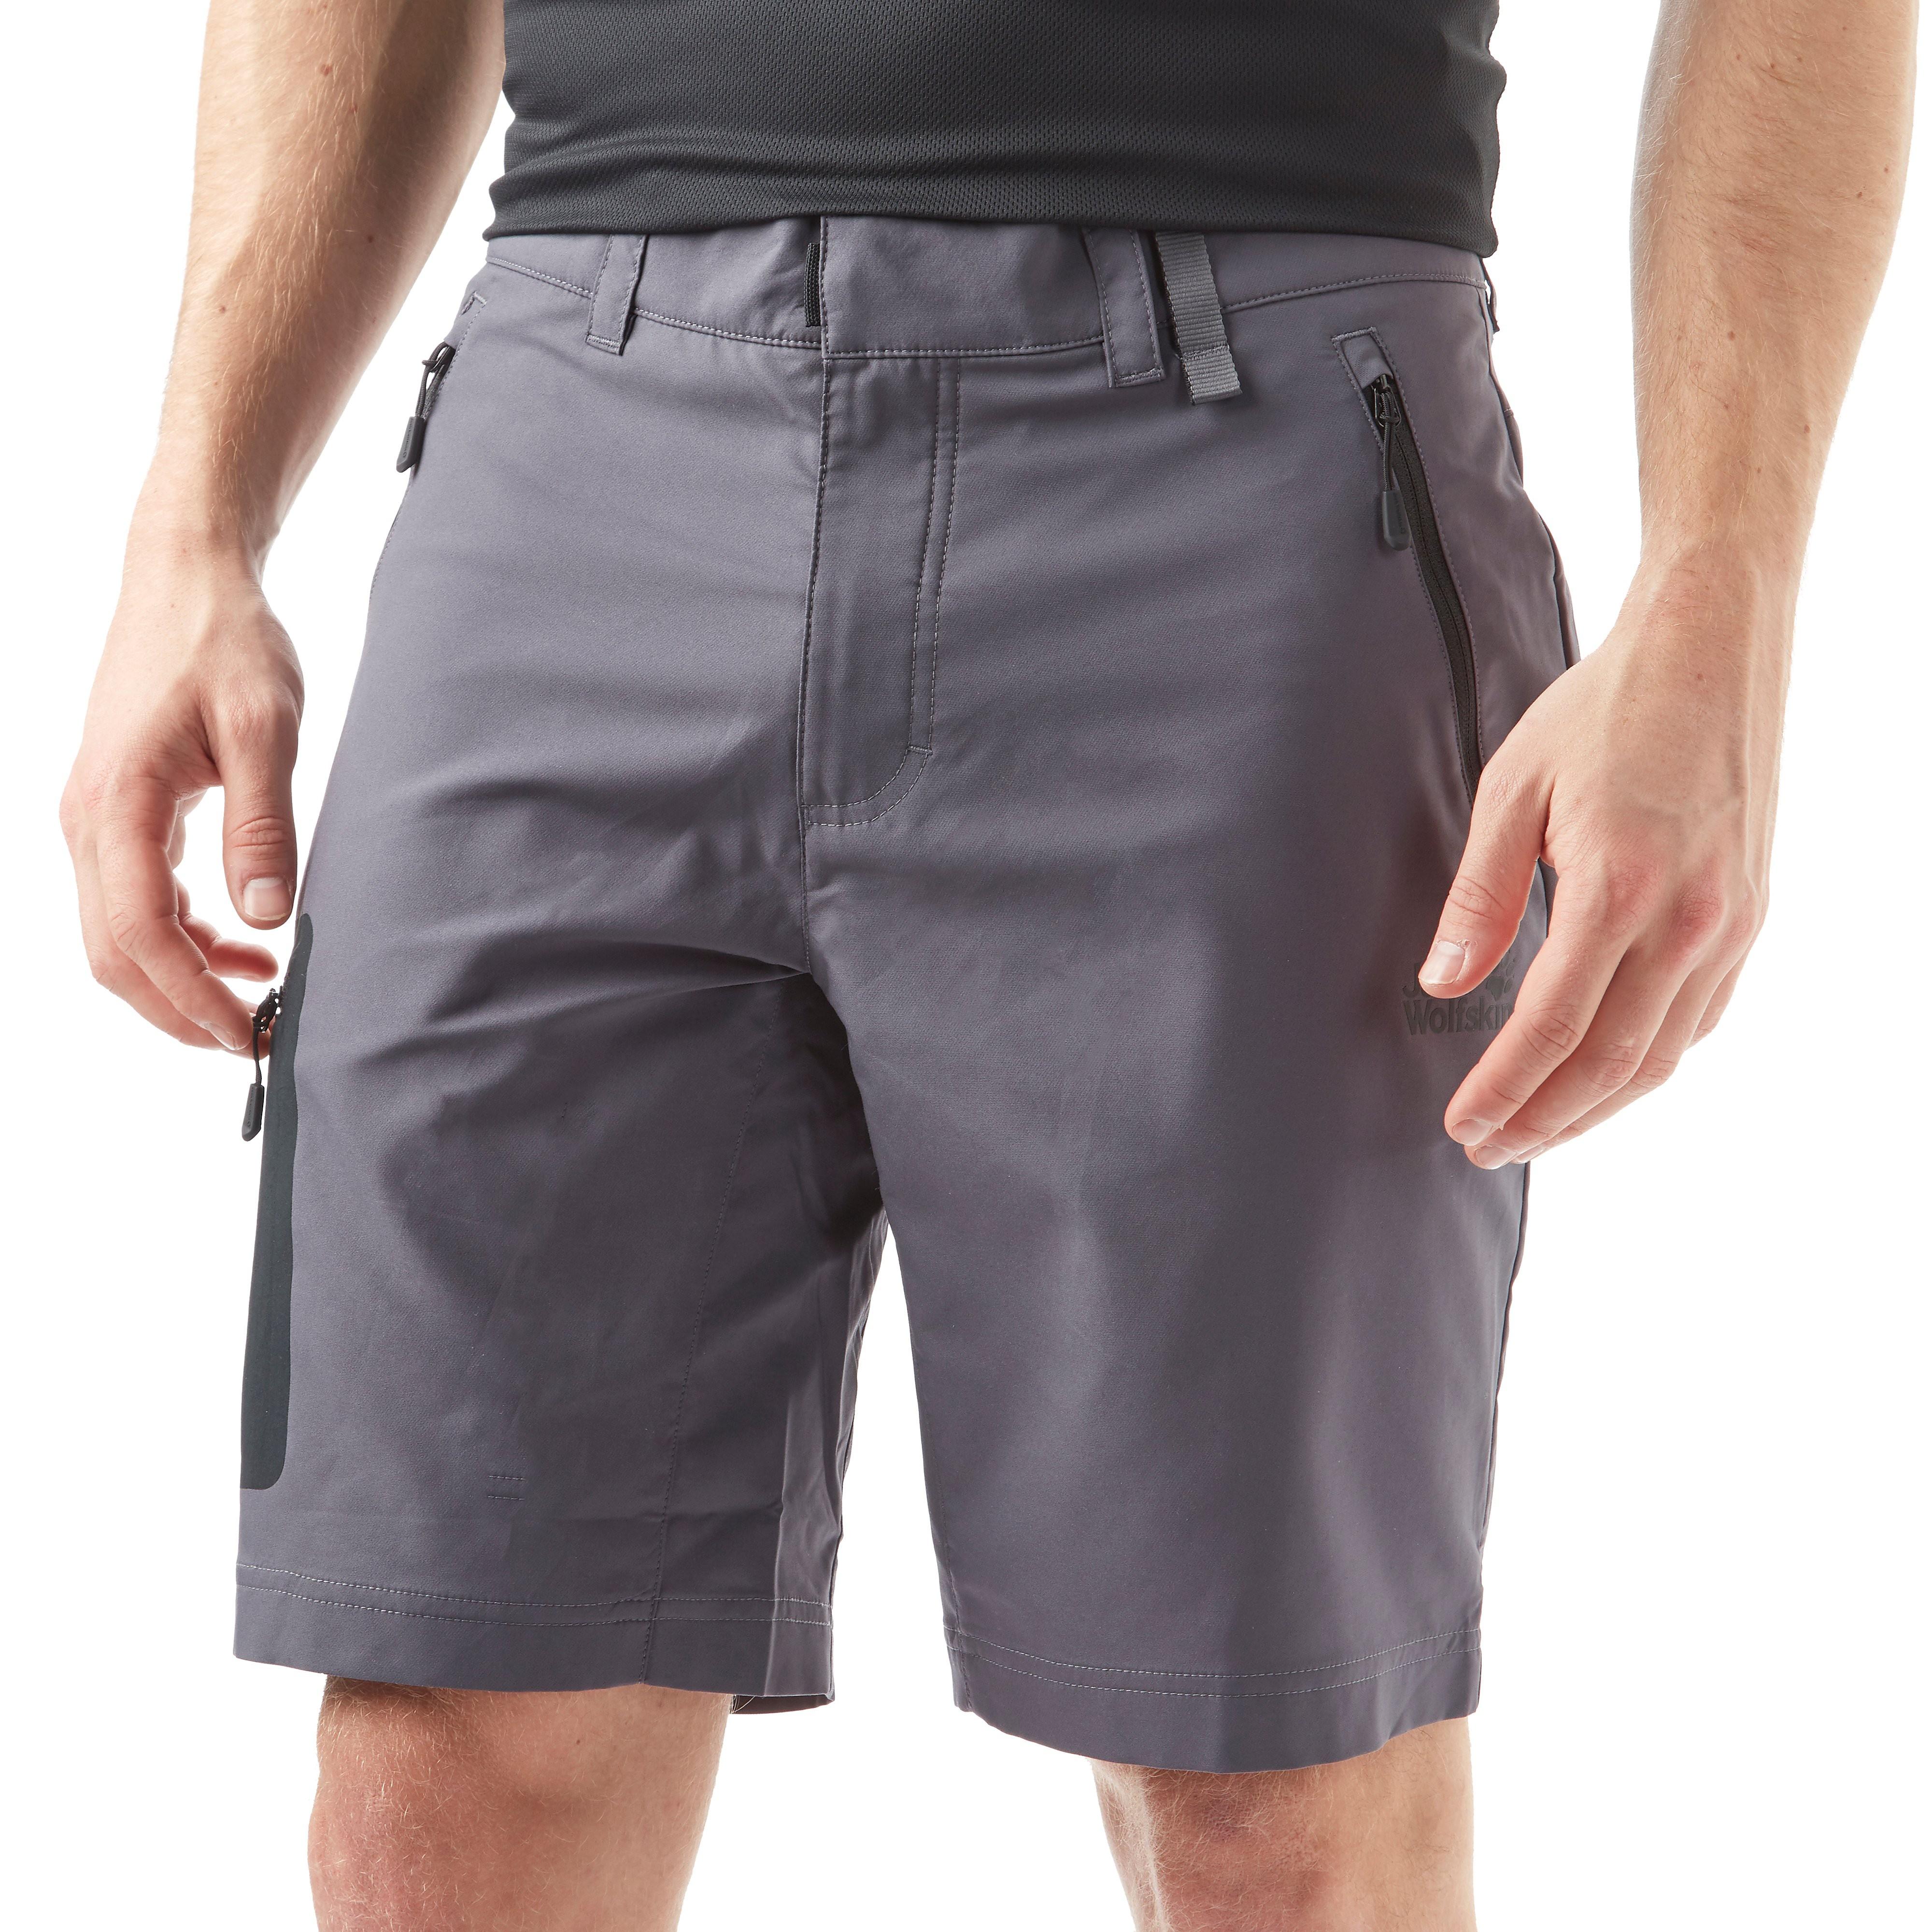 Jack Wolfskin Contrast Pocket Men's Shorts